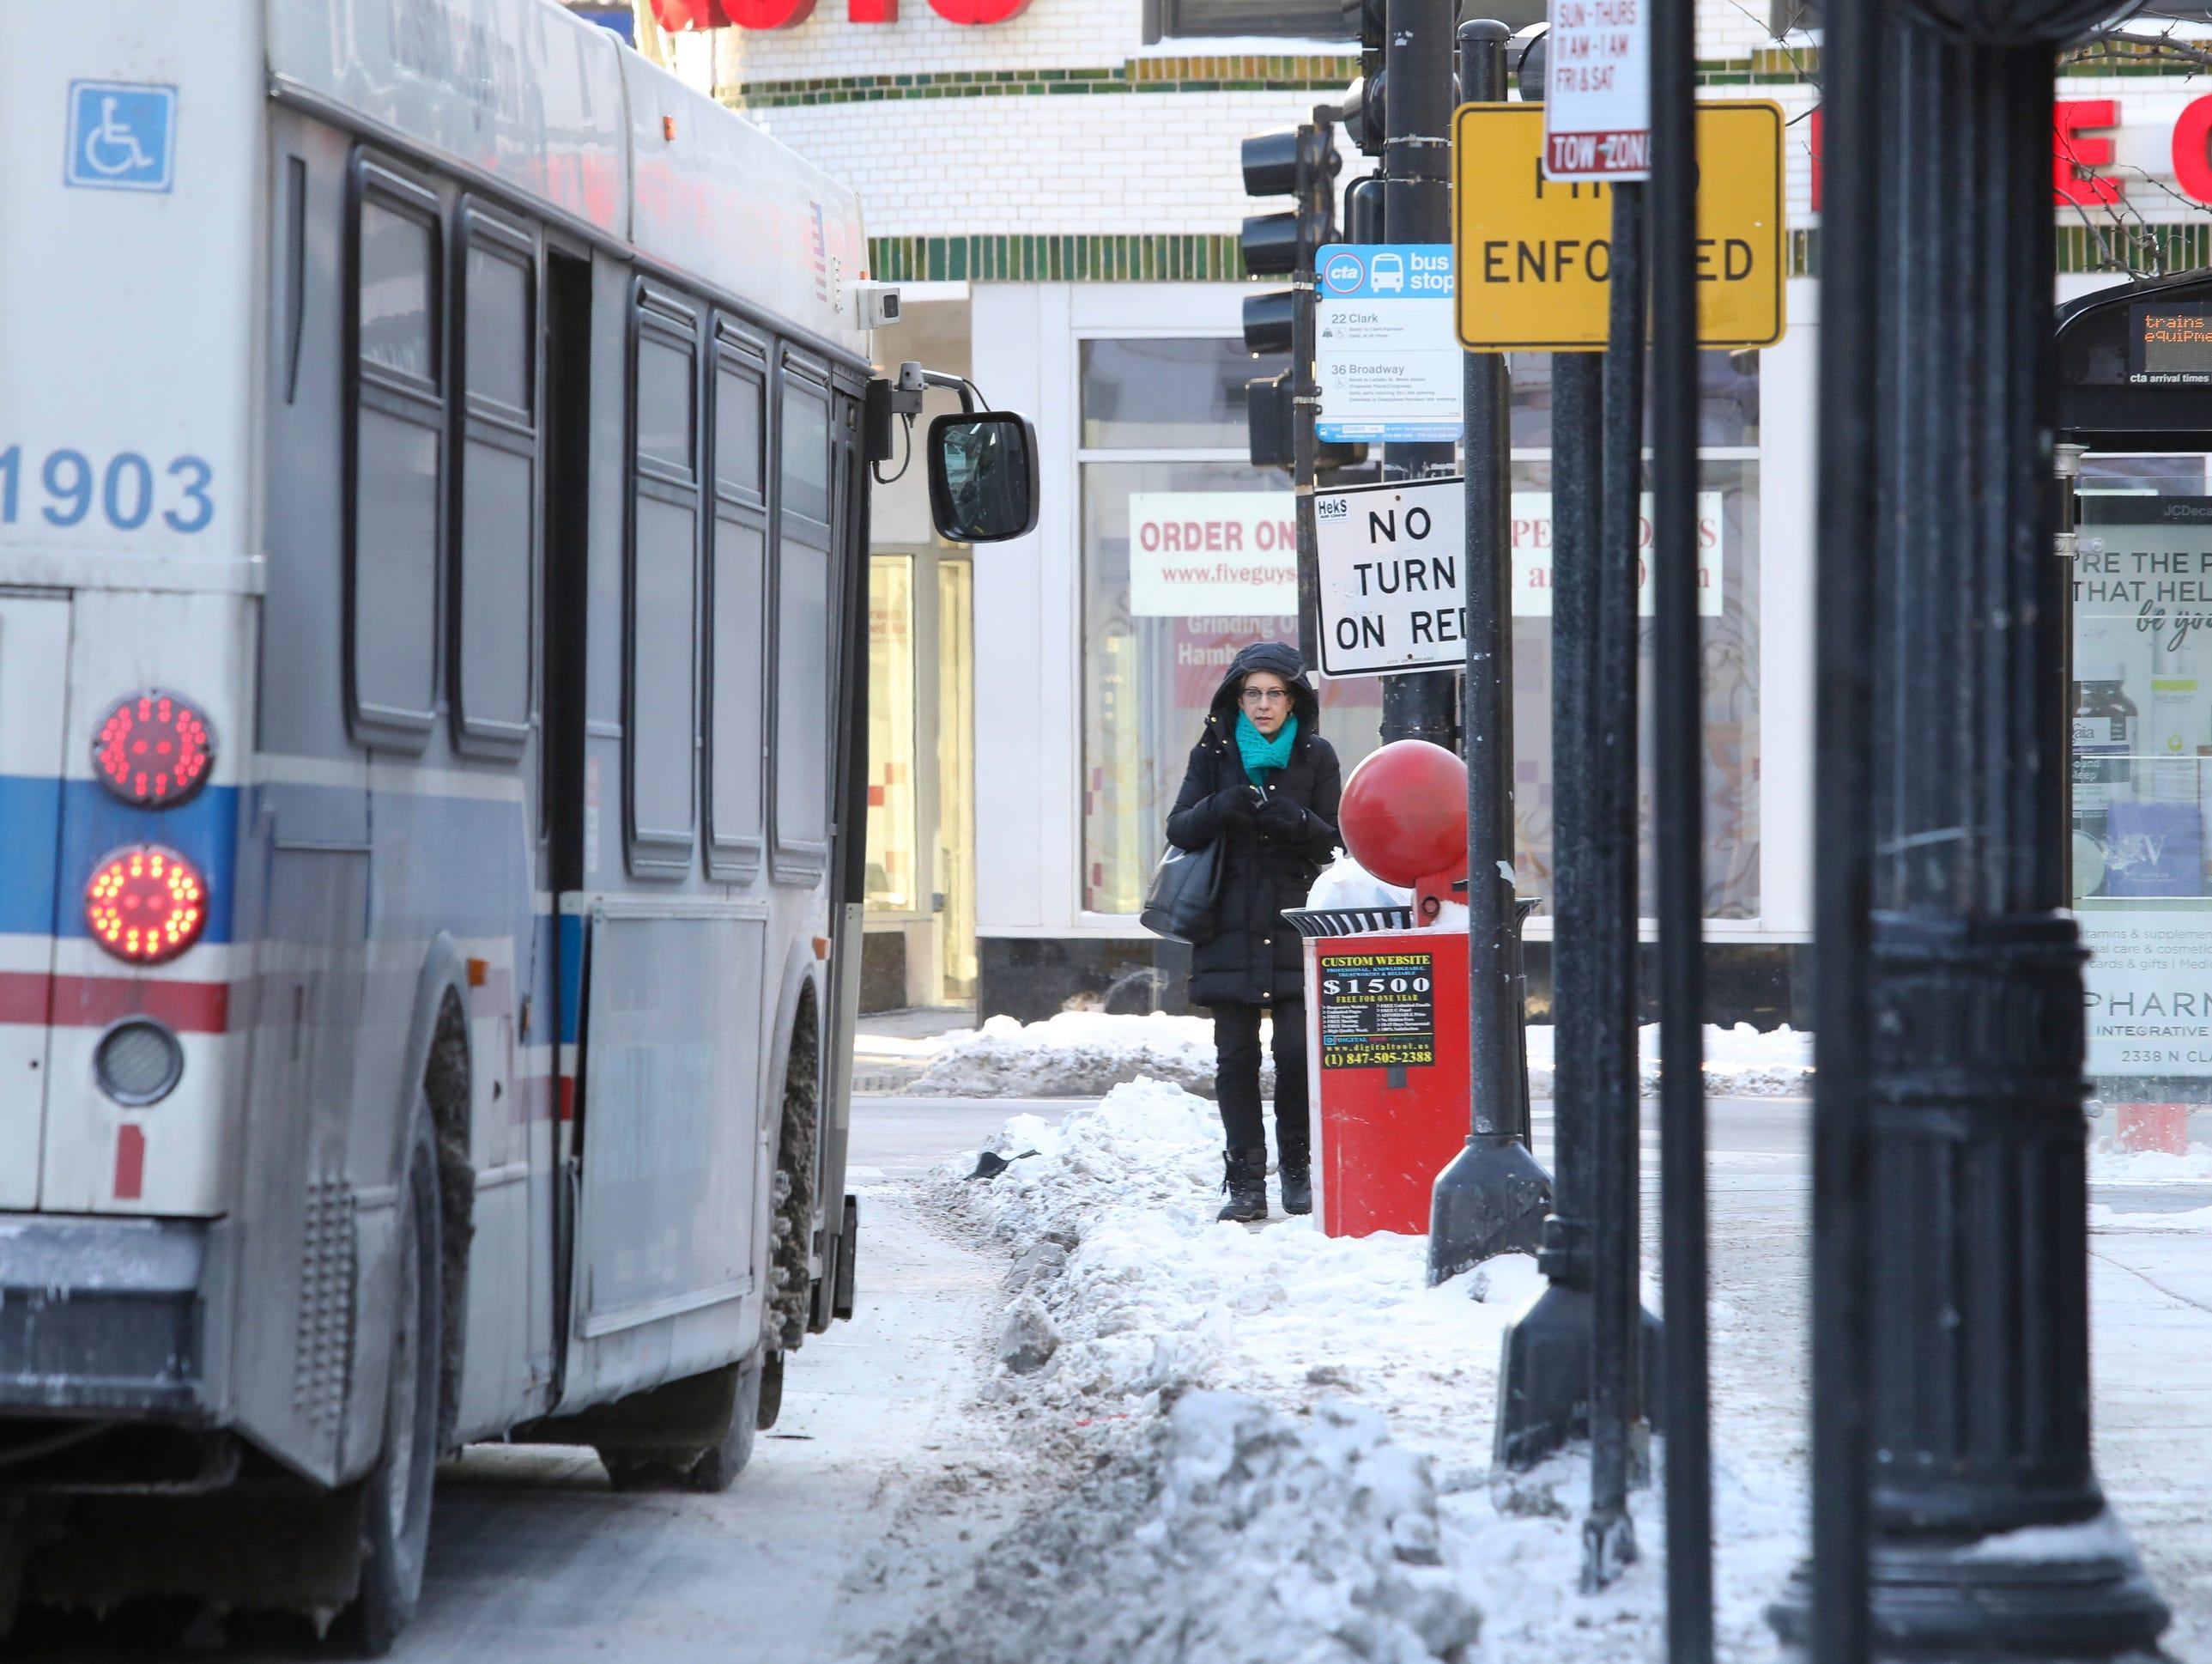 Una transeunte solitaria espera su autobús en Chicago el miércoles 30 de enero de 2019 en Chicago.